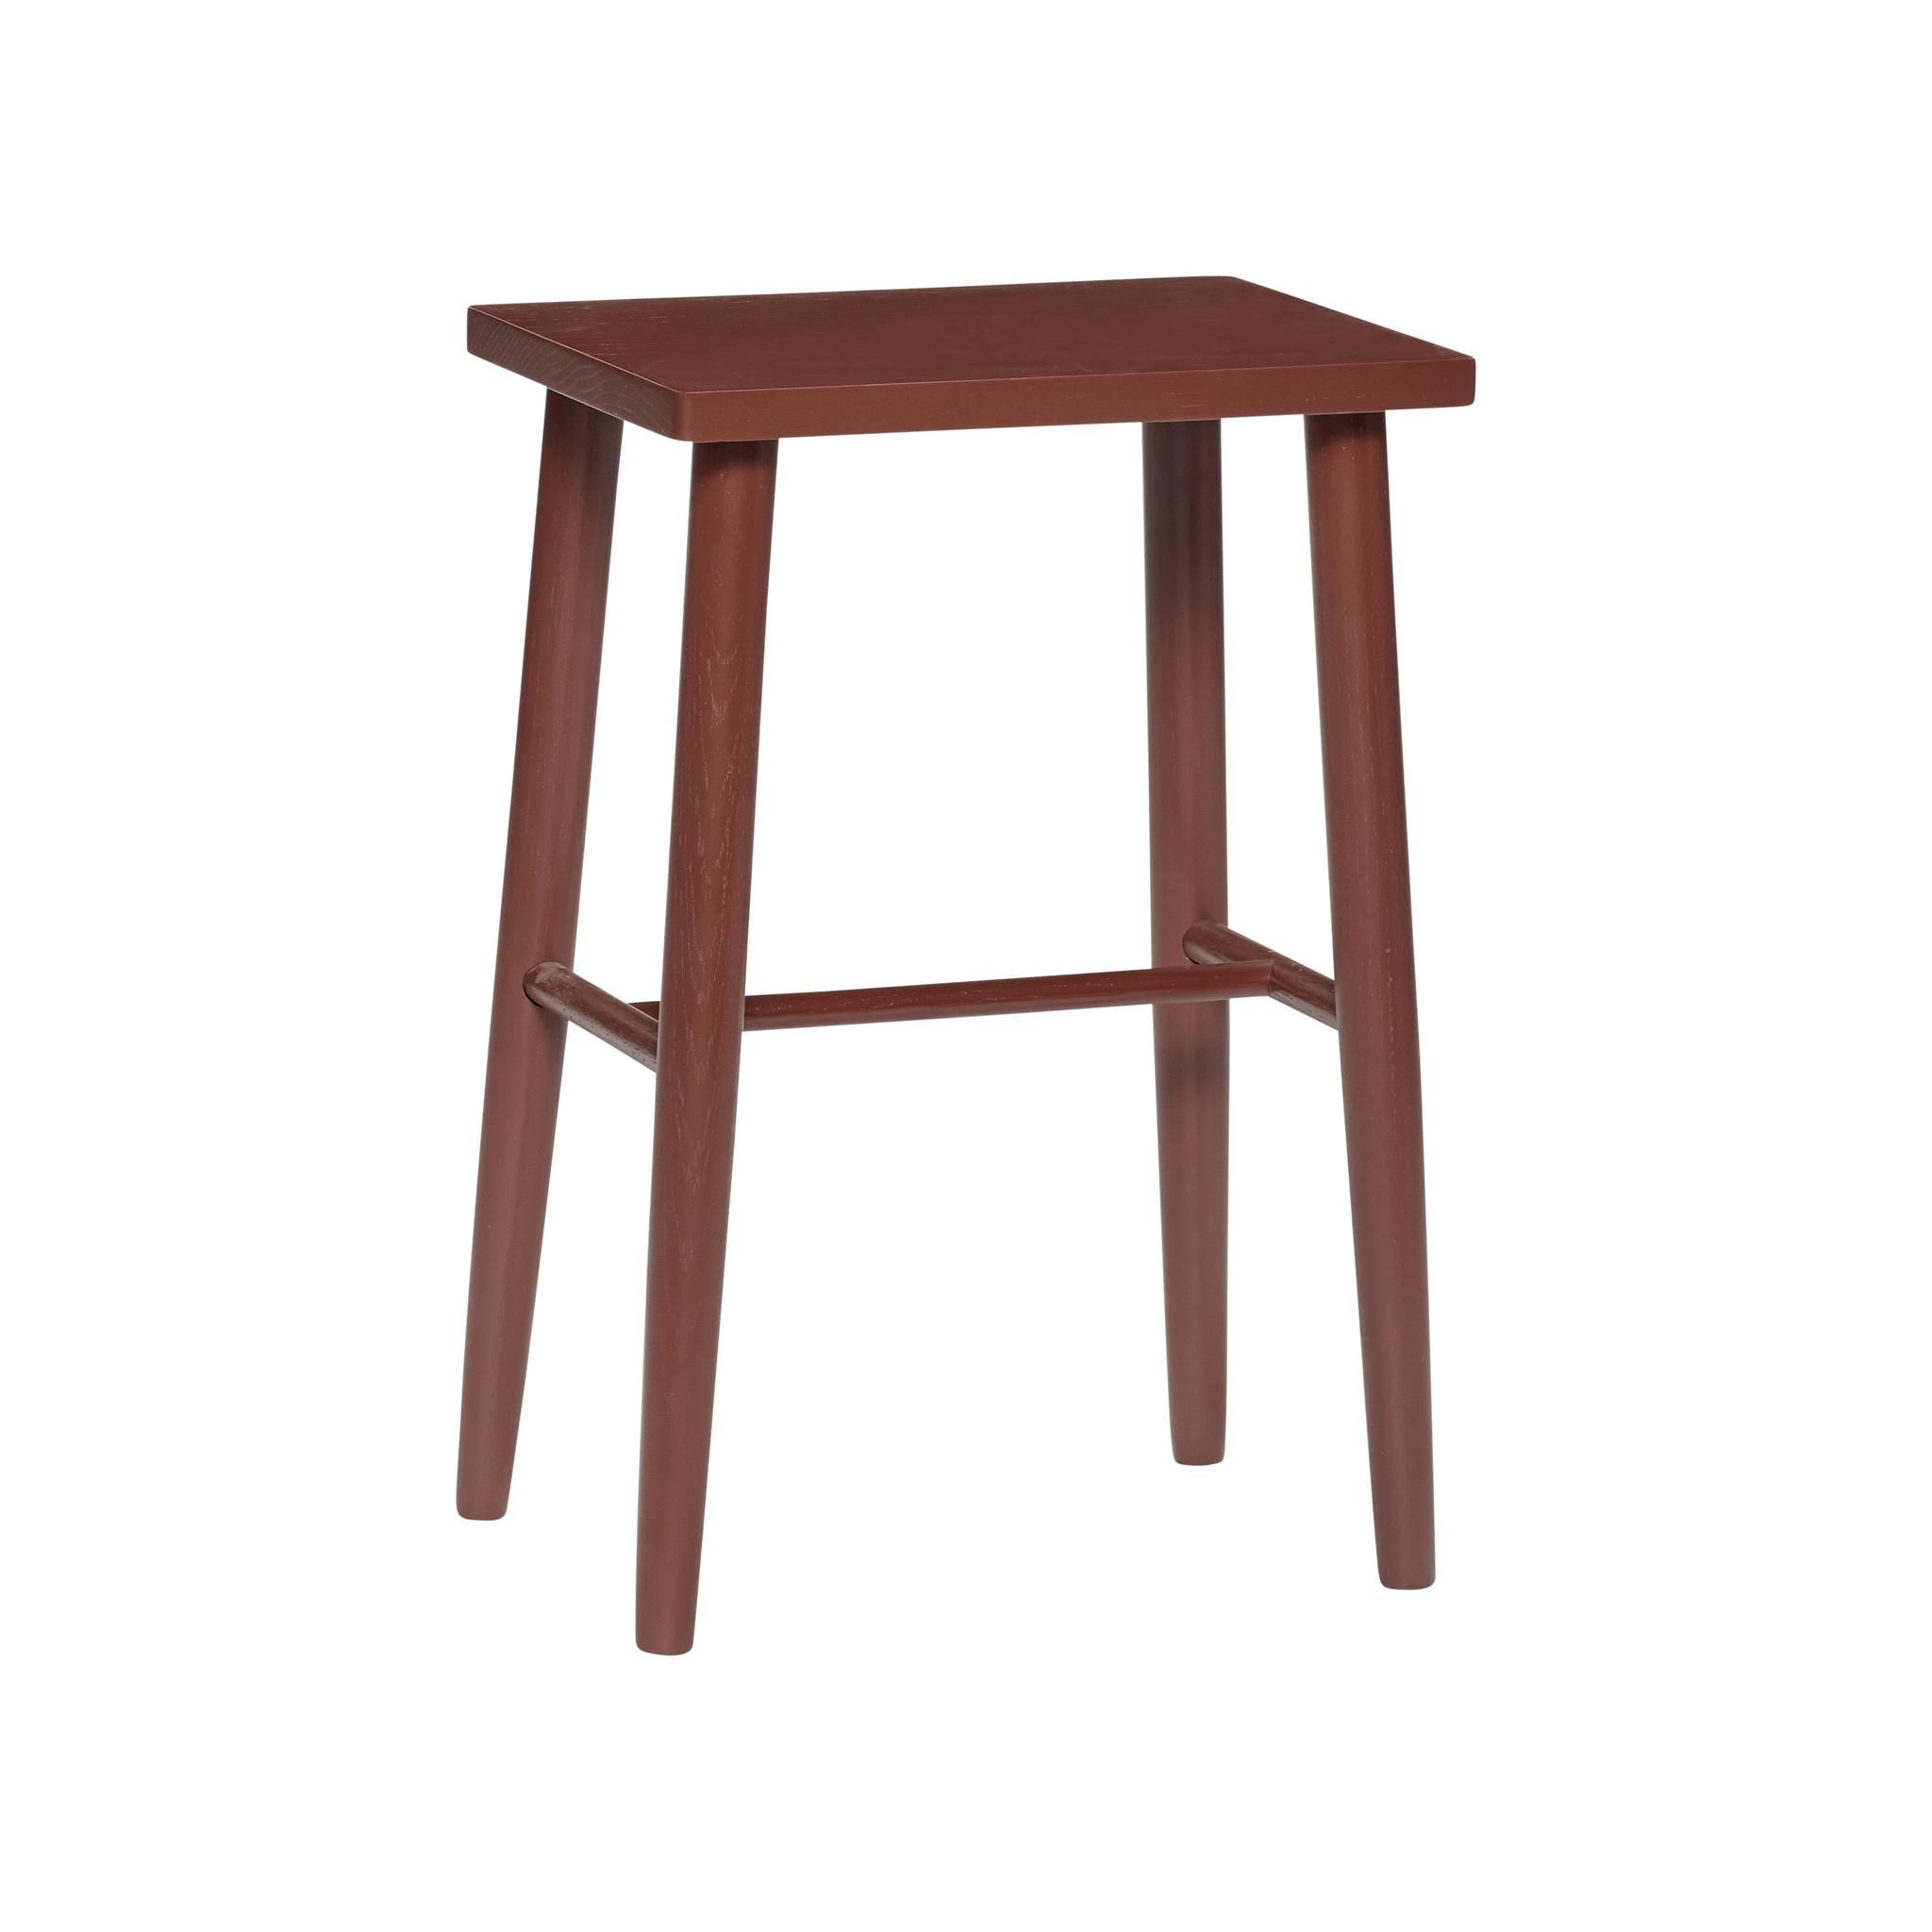 Hubsch Barkruk, hout, rood-880720-5712772066560